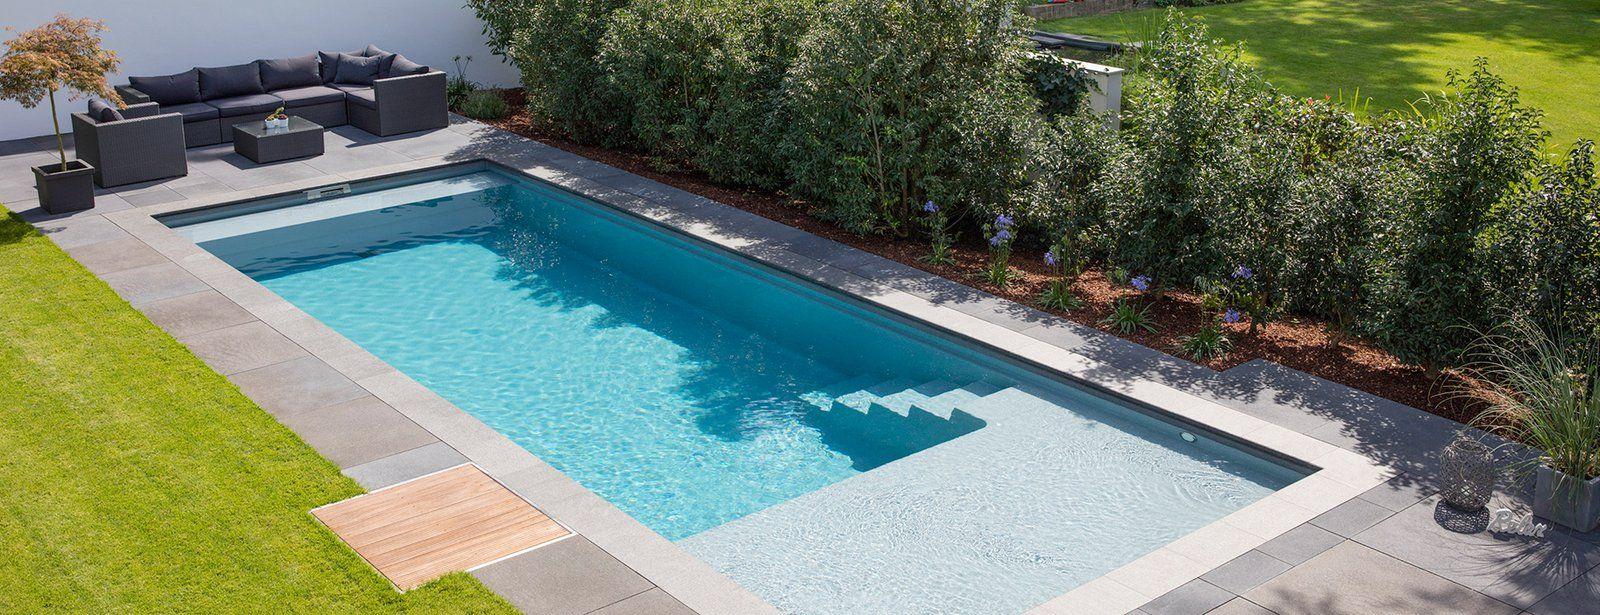 آمادگی برای تصفیه آب استخر باغ ویلا